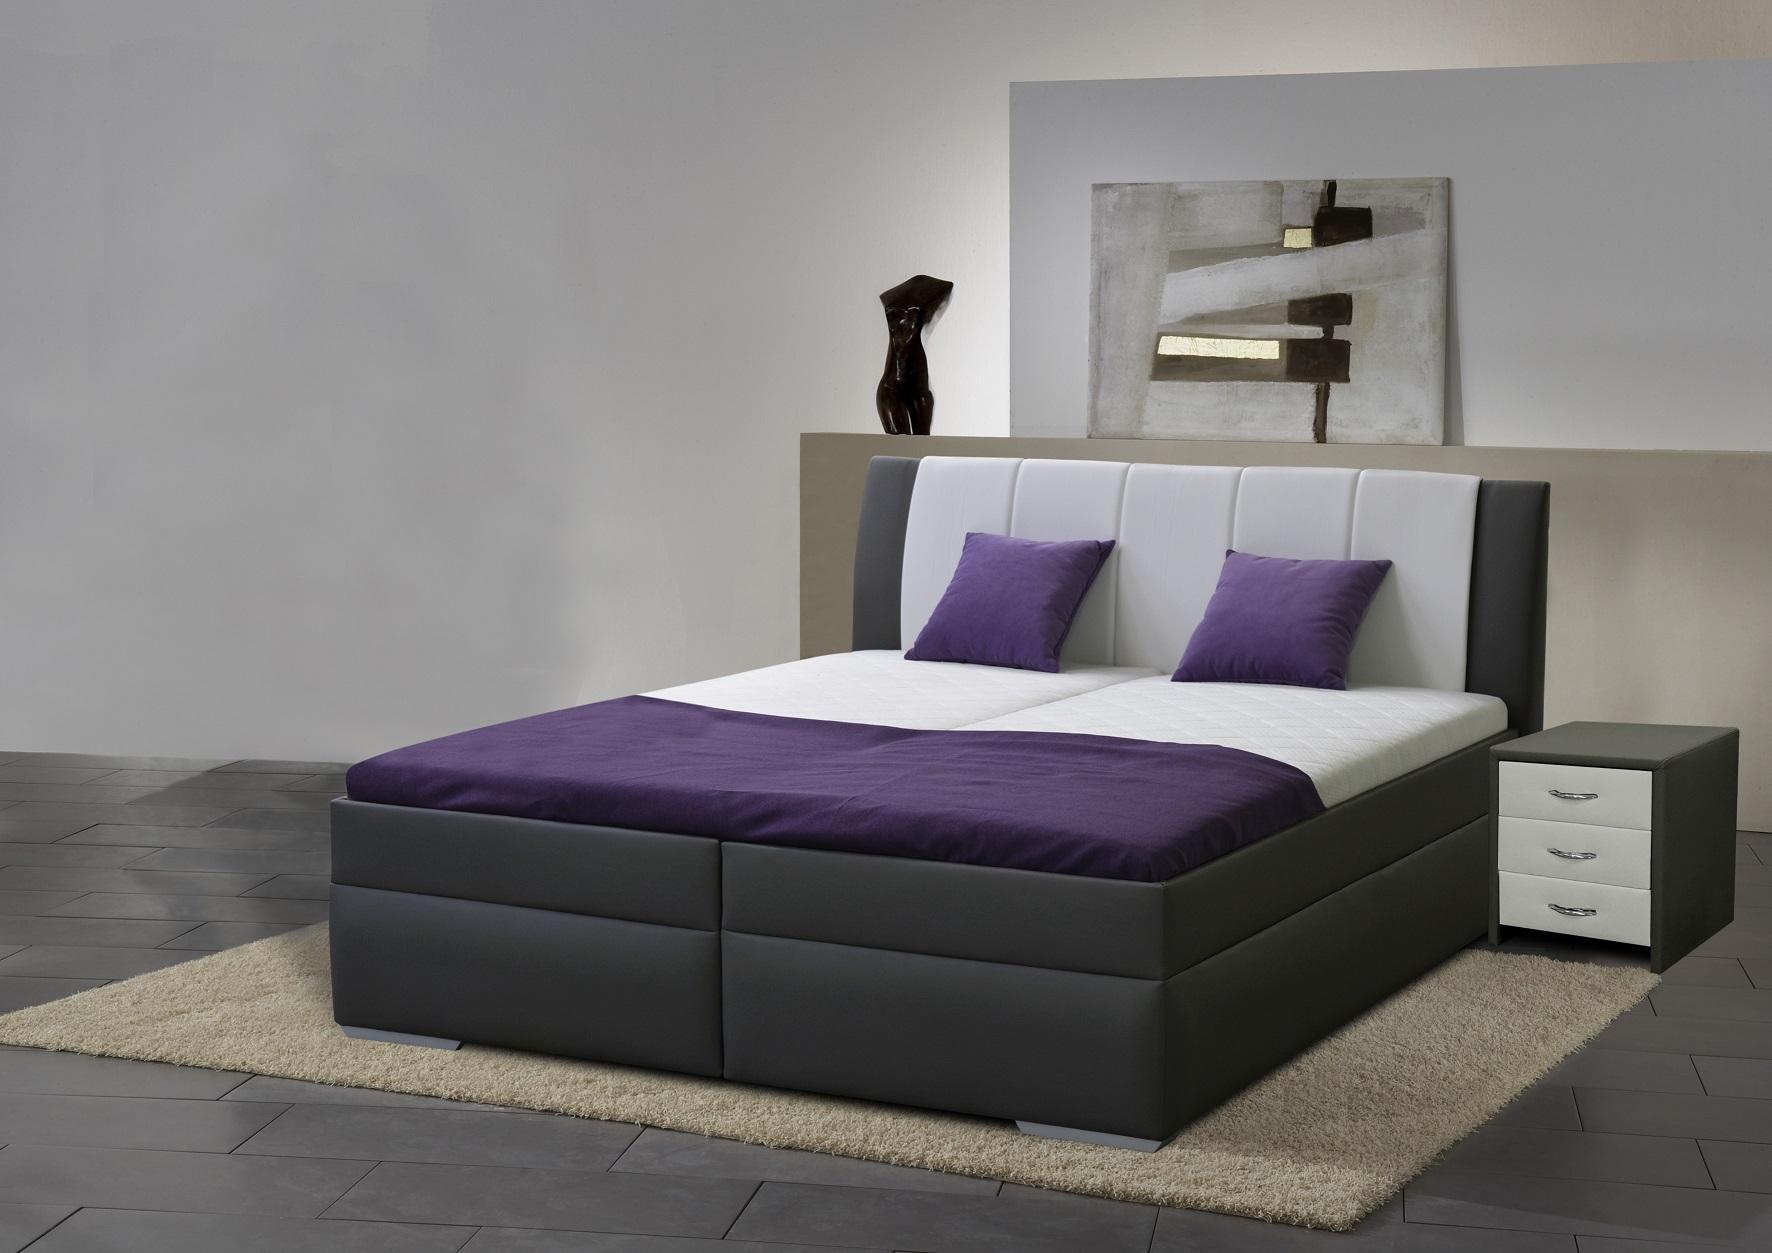 f4060eca4bdb4 Zvýšená manželská postel BIBIANA 2 180x200 cm vč. roštu a ÚP | Kasvo.cz